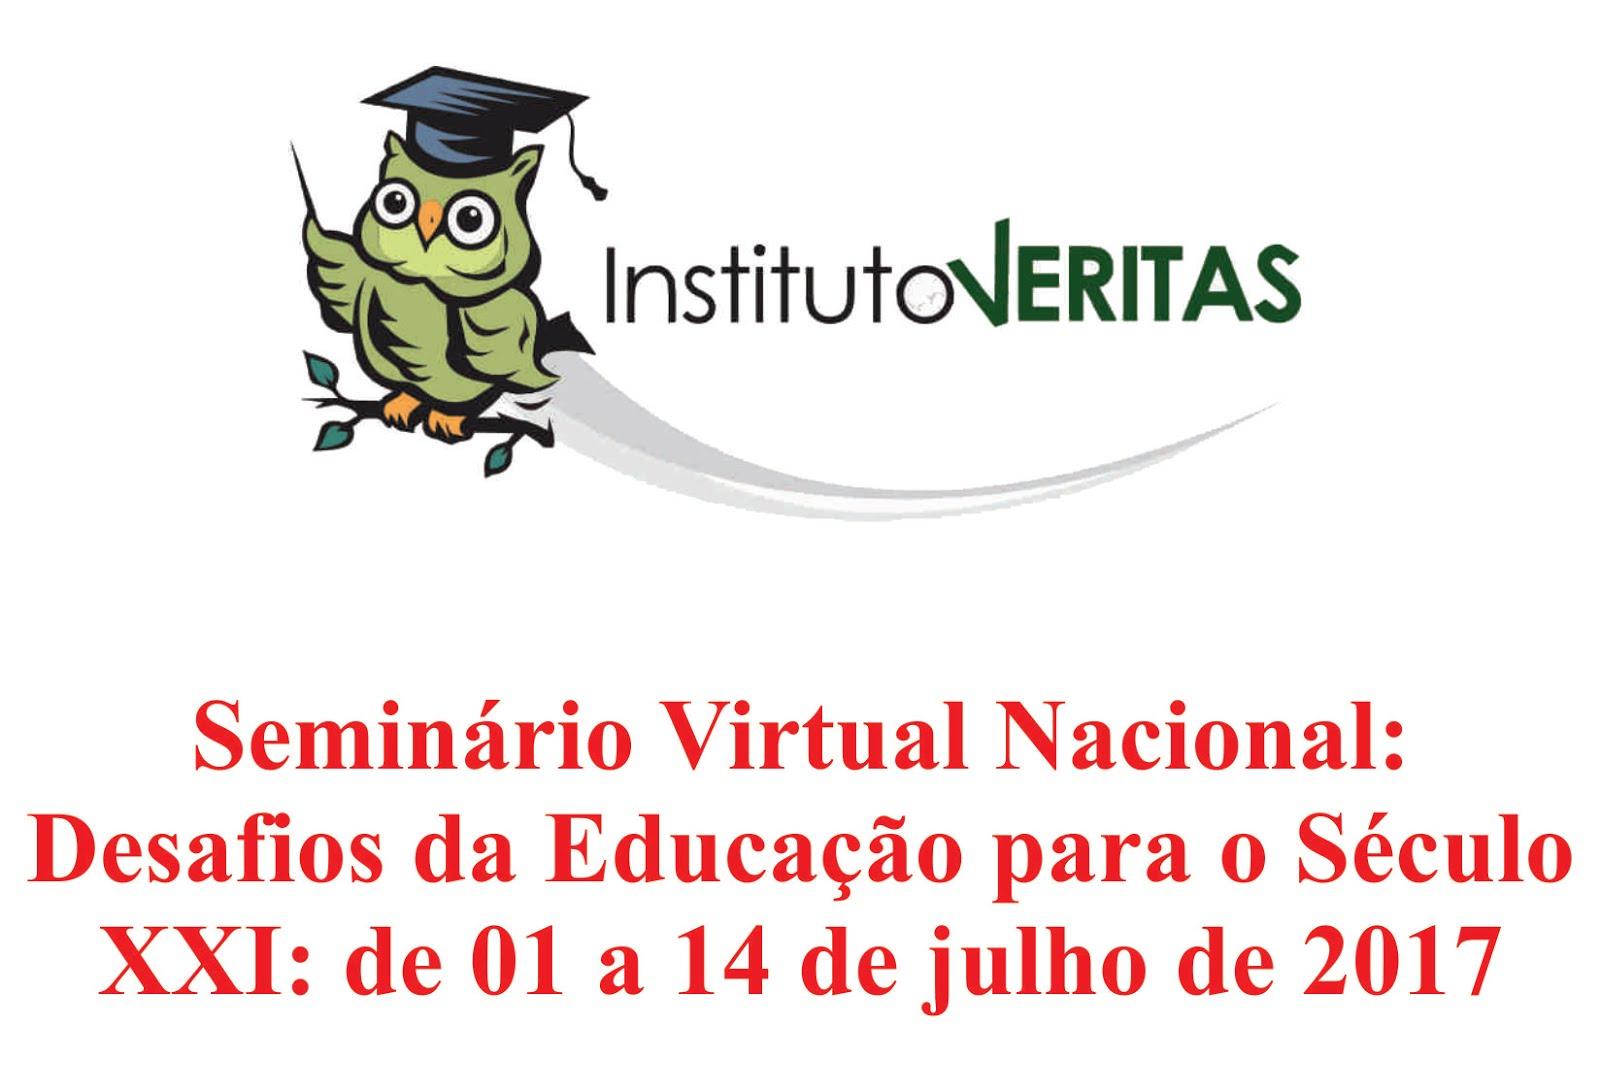 Seminário Virtual Nacional: Desafios da Educação para o Século XXI